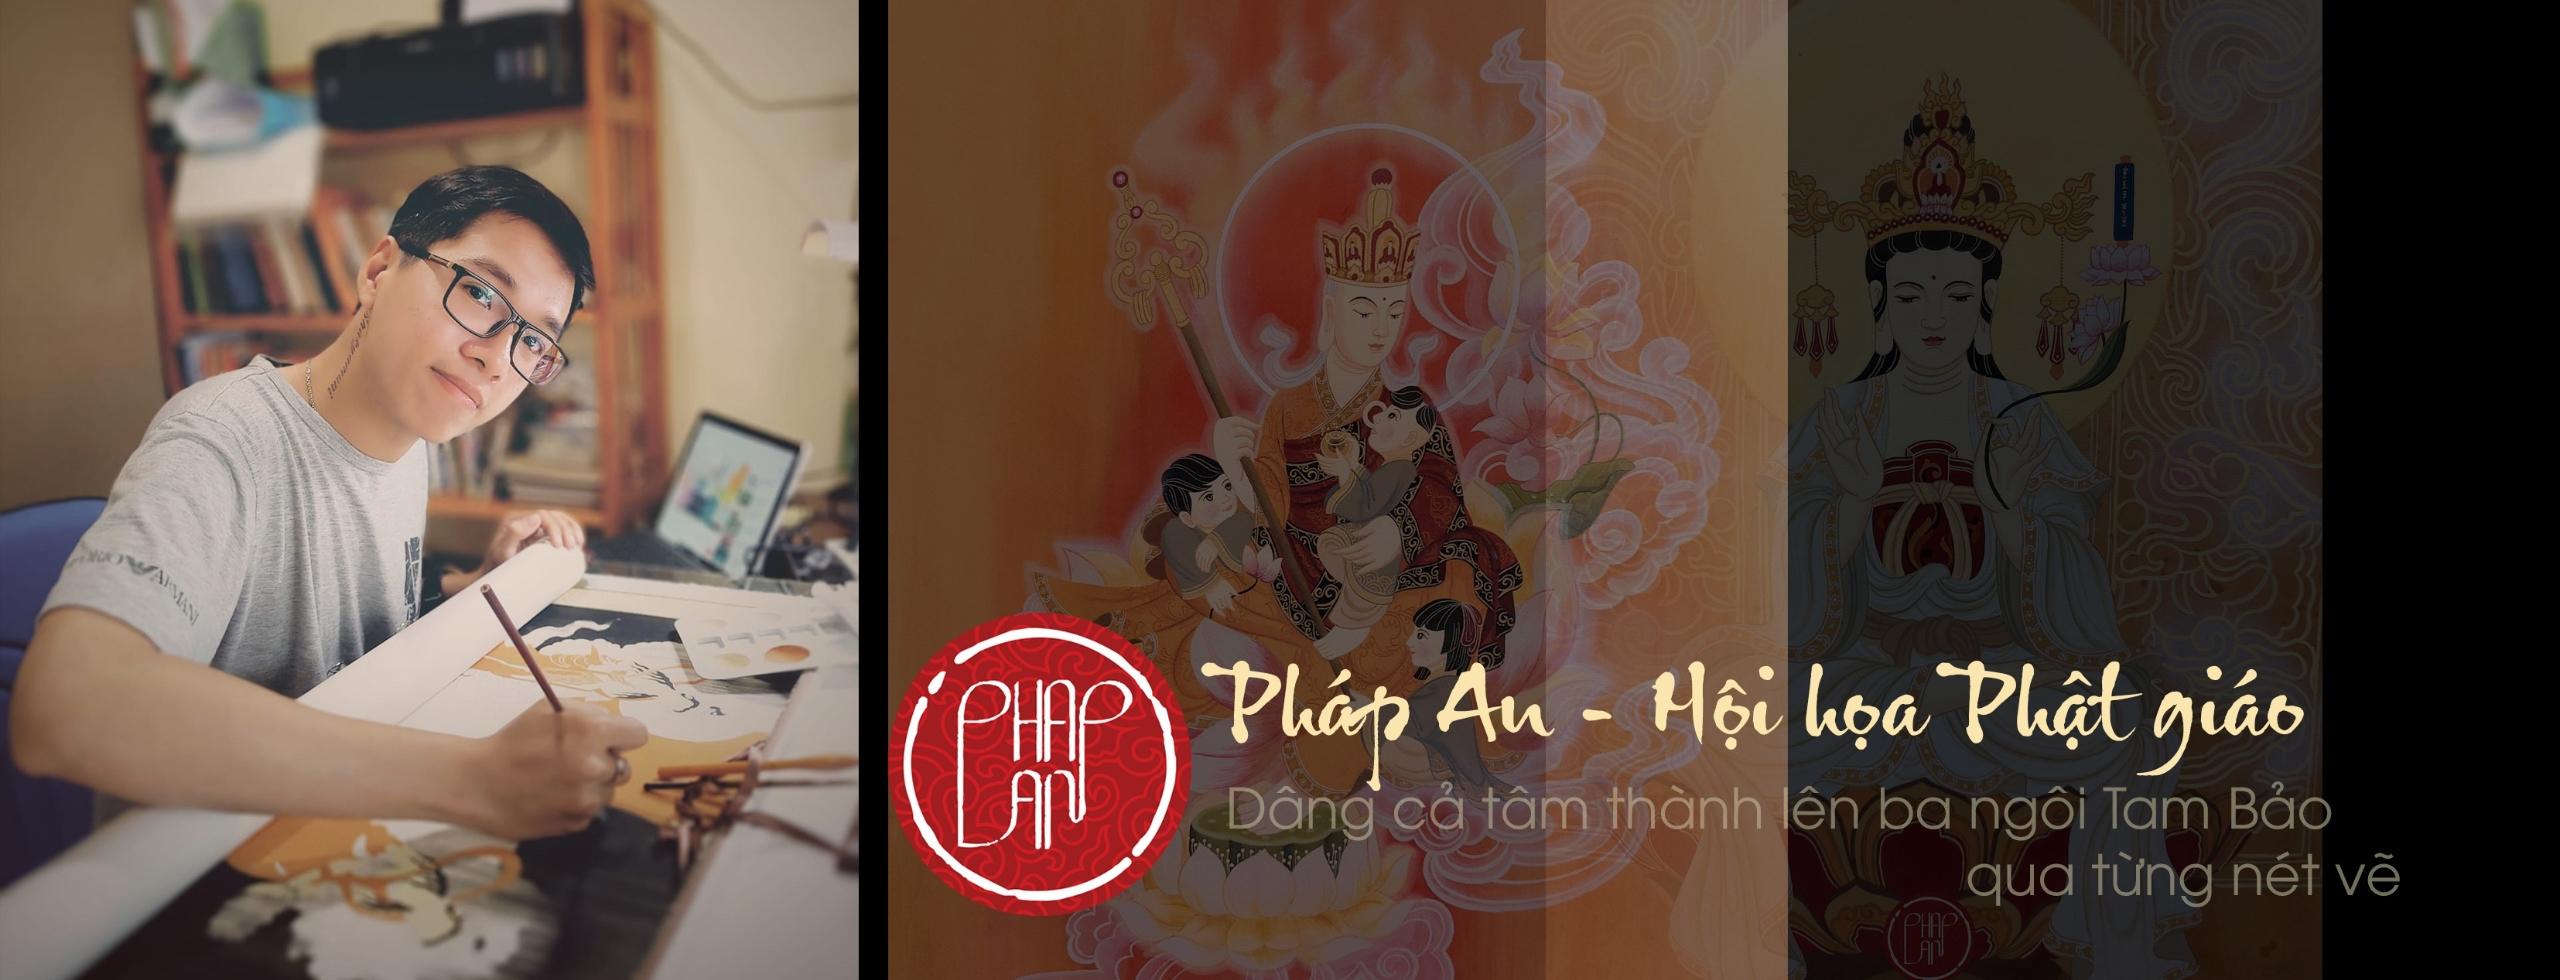 Pháp An - Hội hoạ Phật Giáo (@cusiphapan) Cover Image